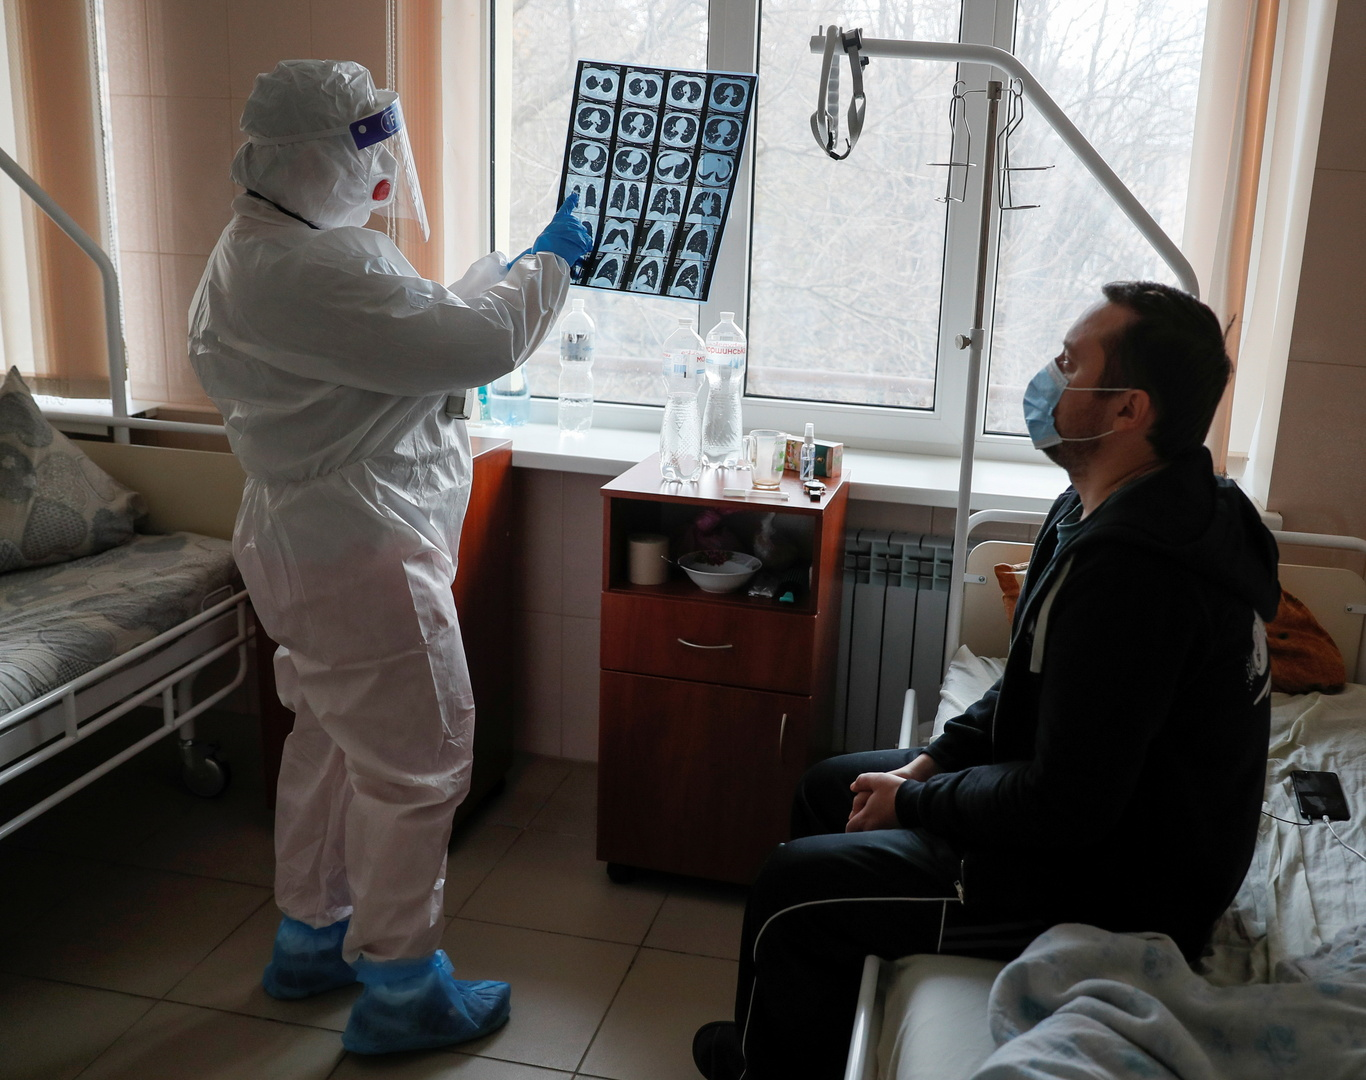 أوكرانيا تسجل زيادة قياسية بإصابات كورونا